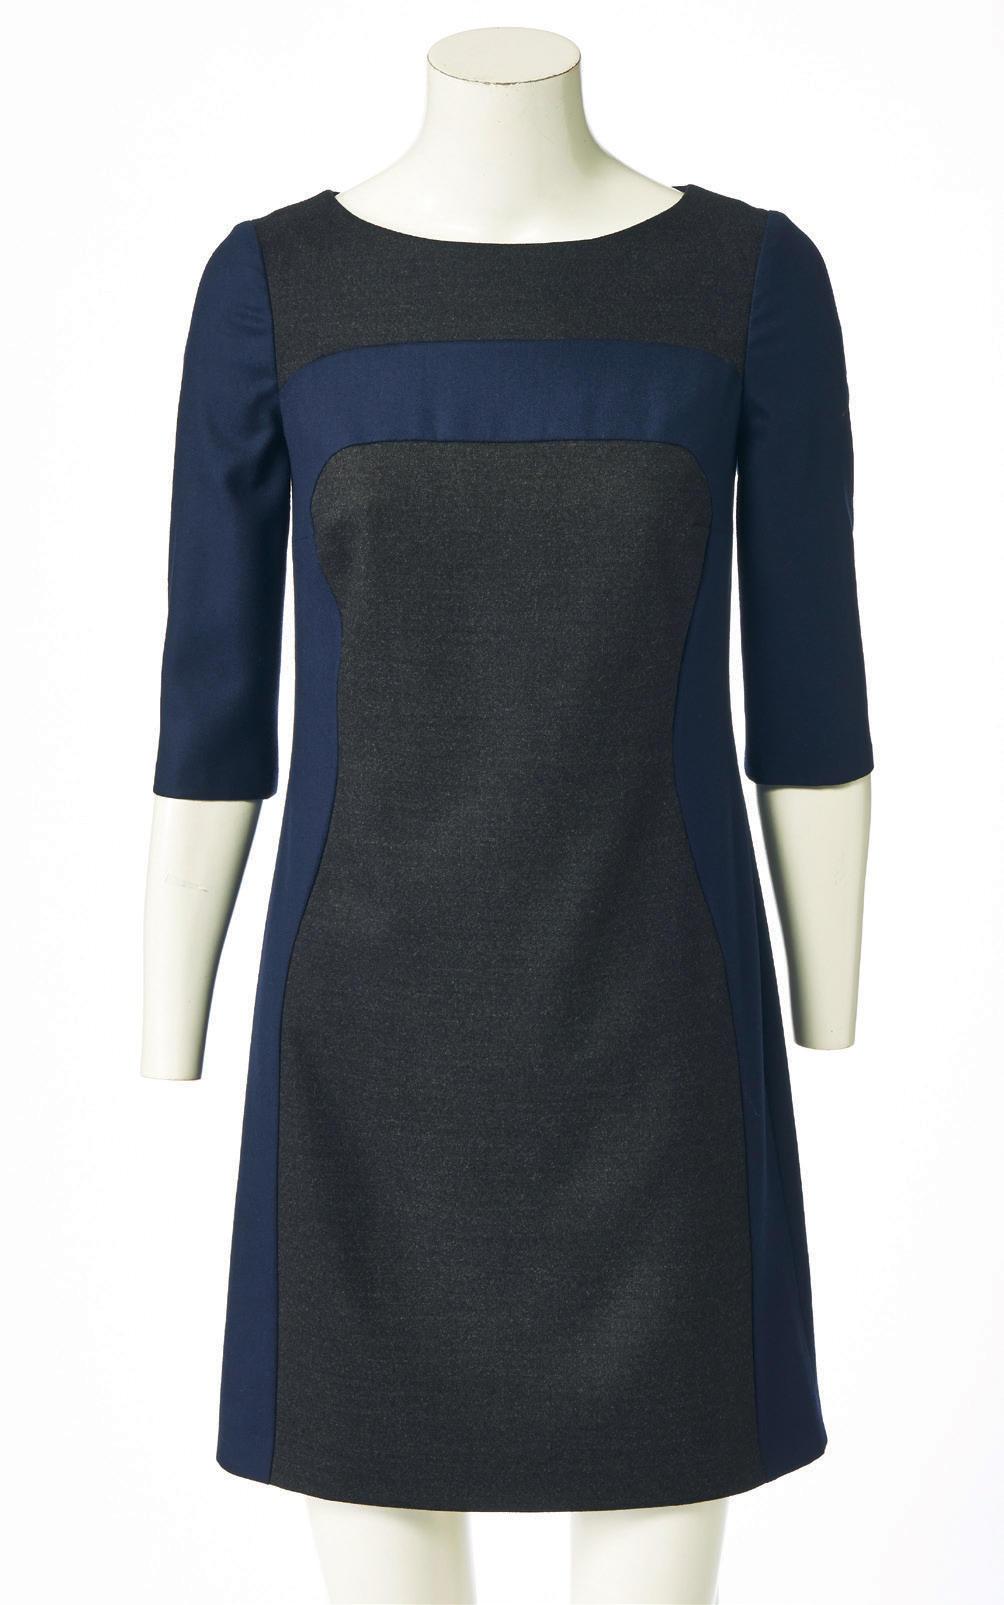 Herbstkleider kleider von boden direkt zum bestellen for Boden direkt gutschein